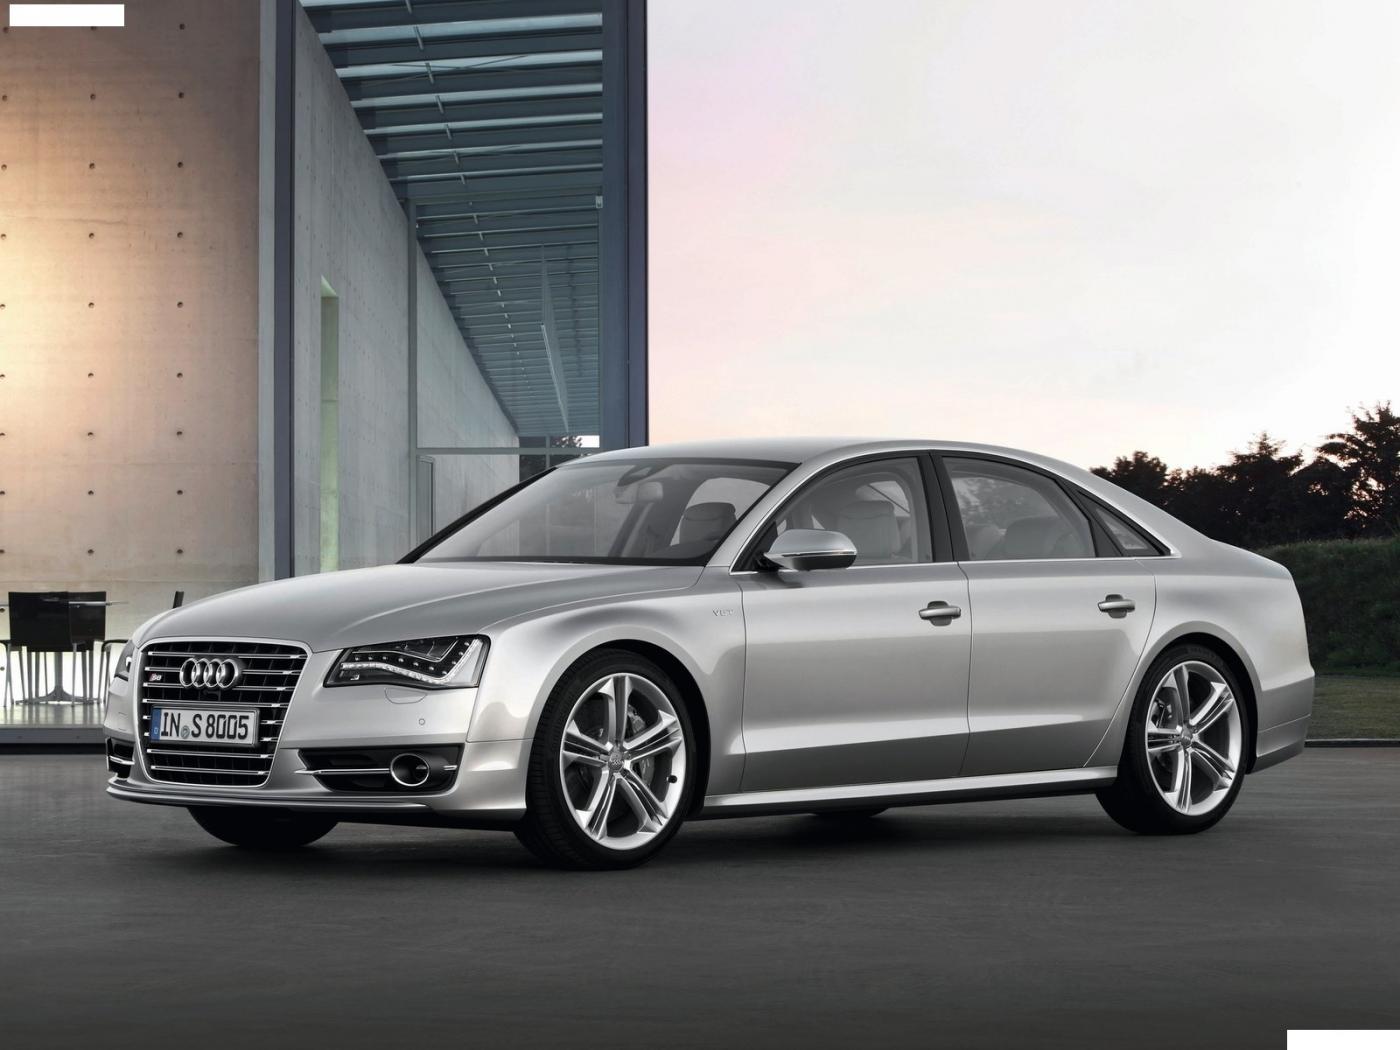 Audi-A8-D4-3